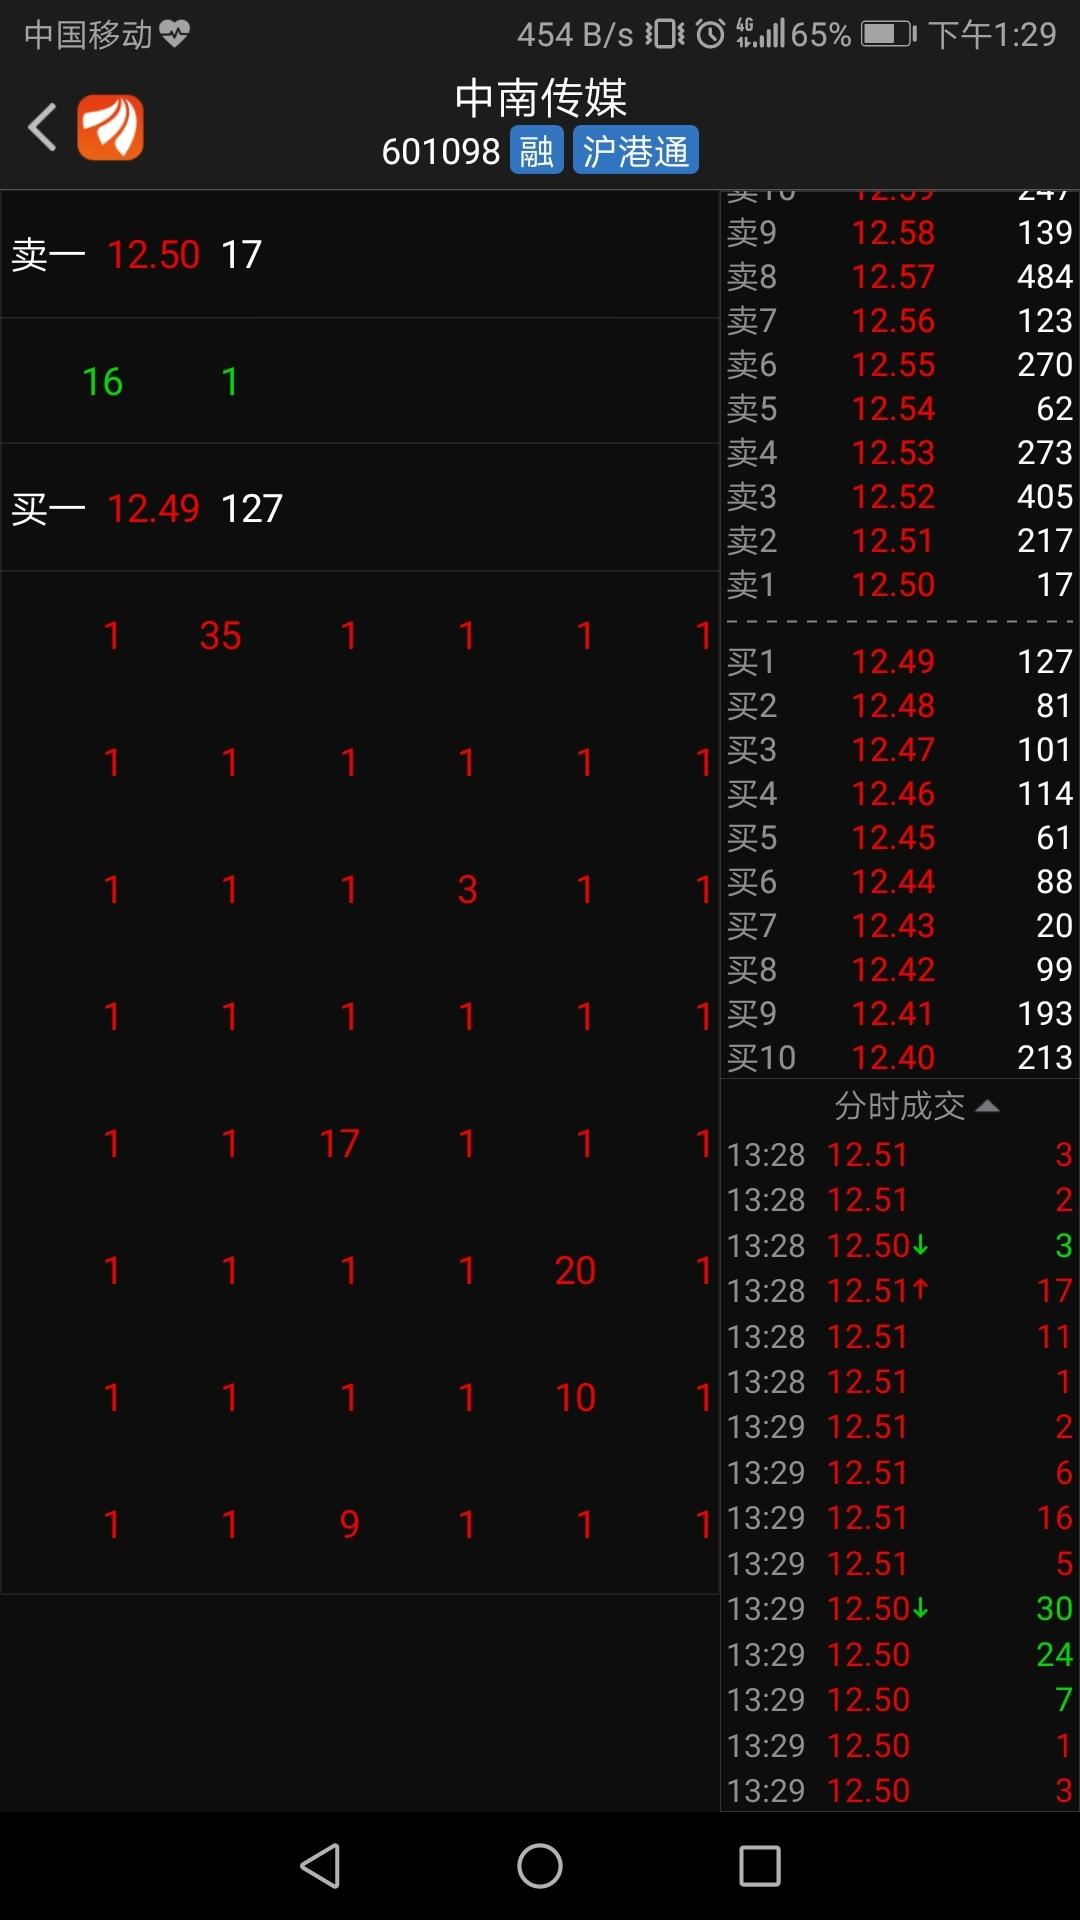 看吧,全是1手的机器人_中南传媒(601098)股吧_东方网